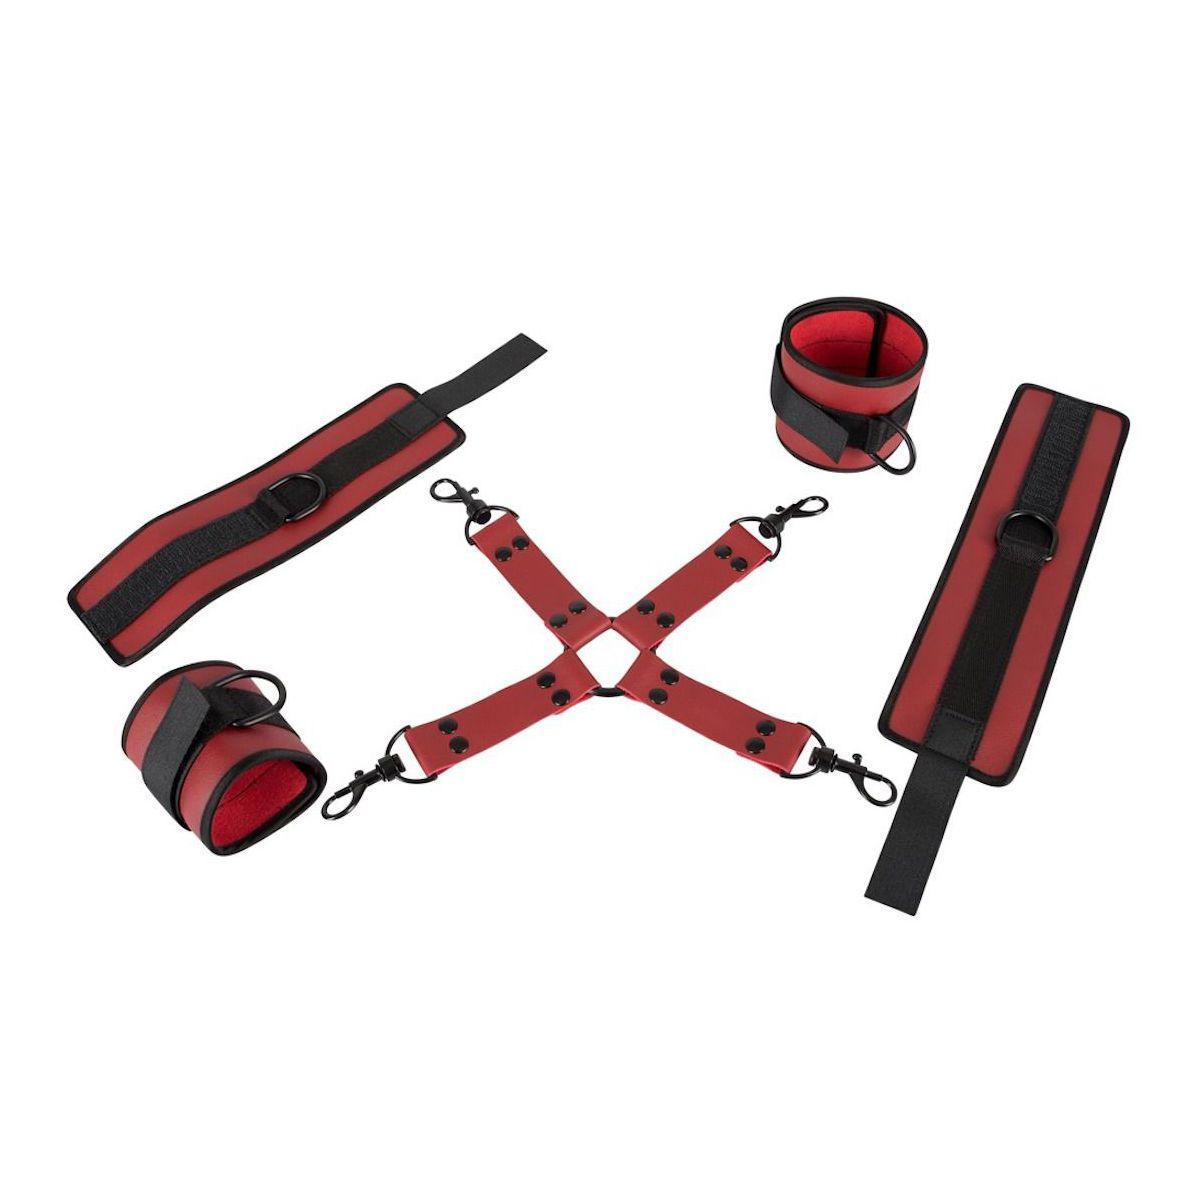 Conjunto de esposas bondage para amarrar pies y manos en forma de cruz